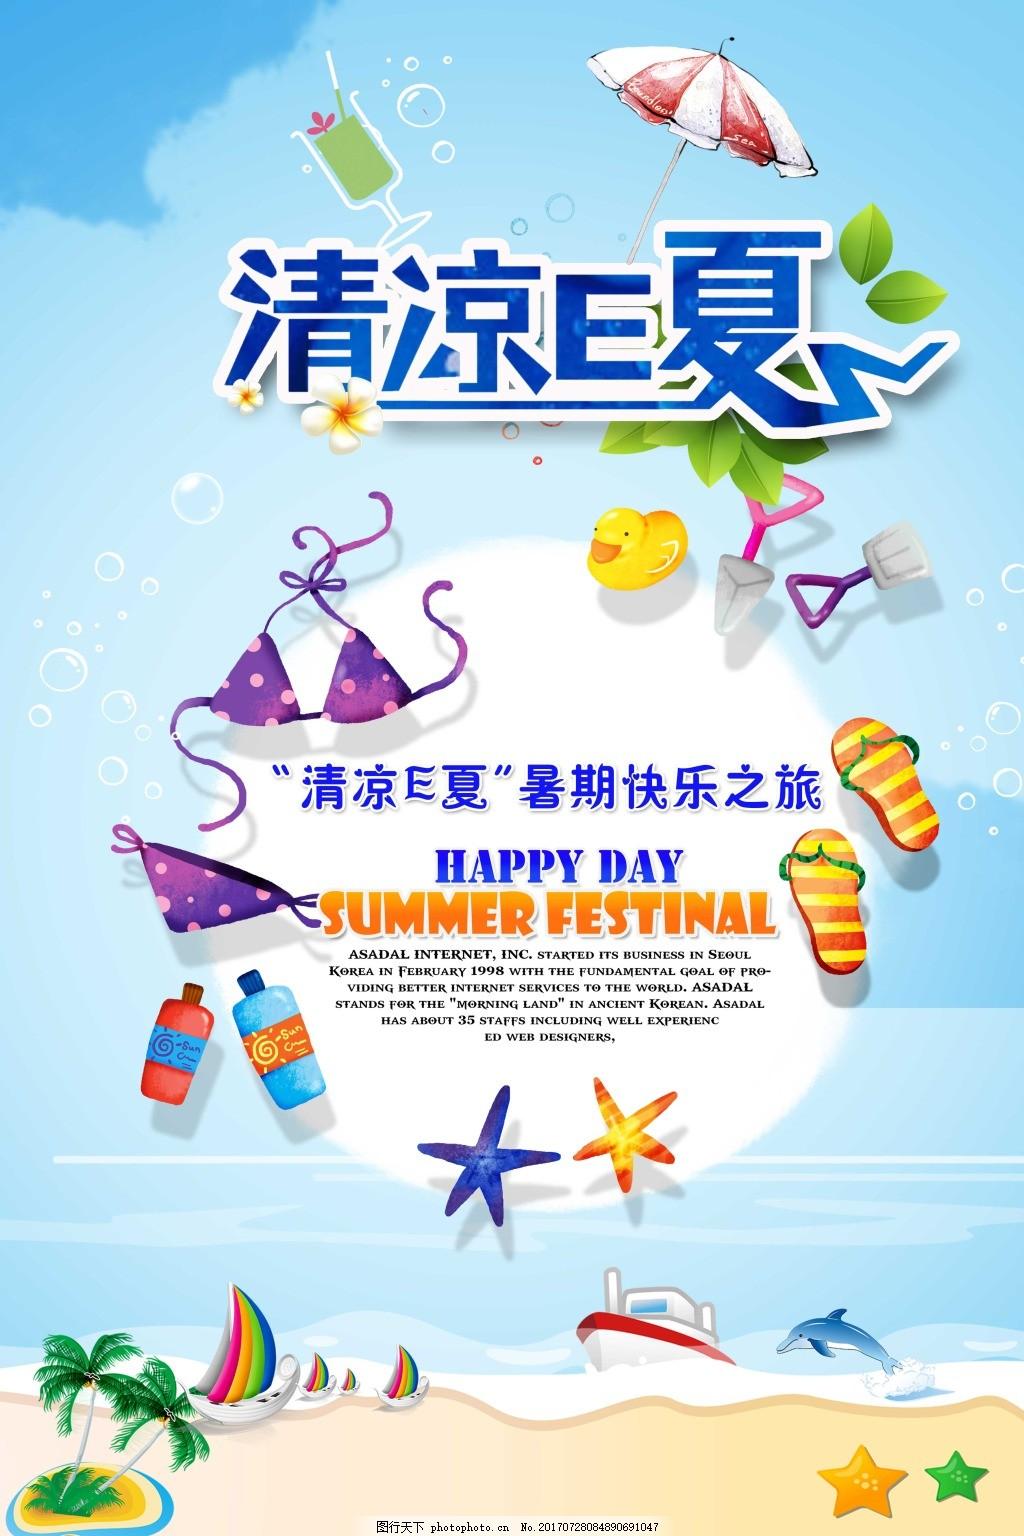 清凉E夏夏日促销海报 夏季 夏天 旅游 夏季促销 冰凉一夏 清爽夏日